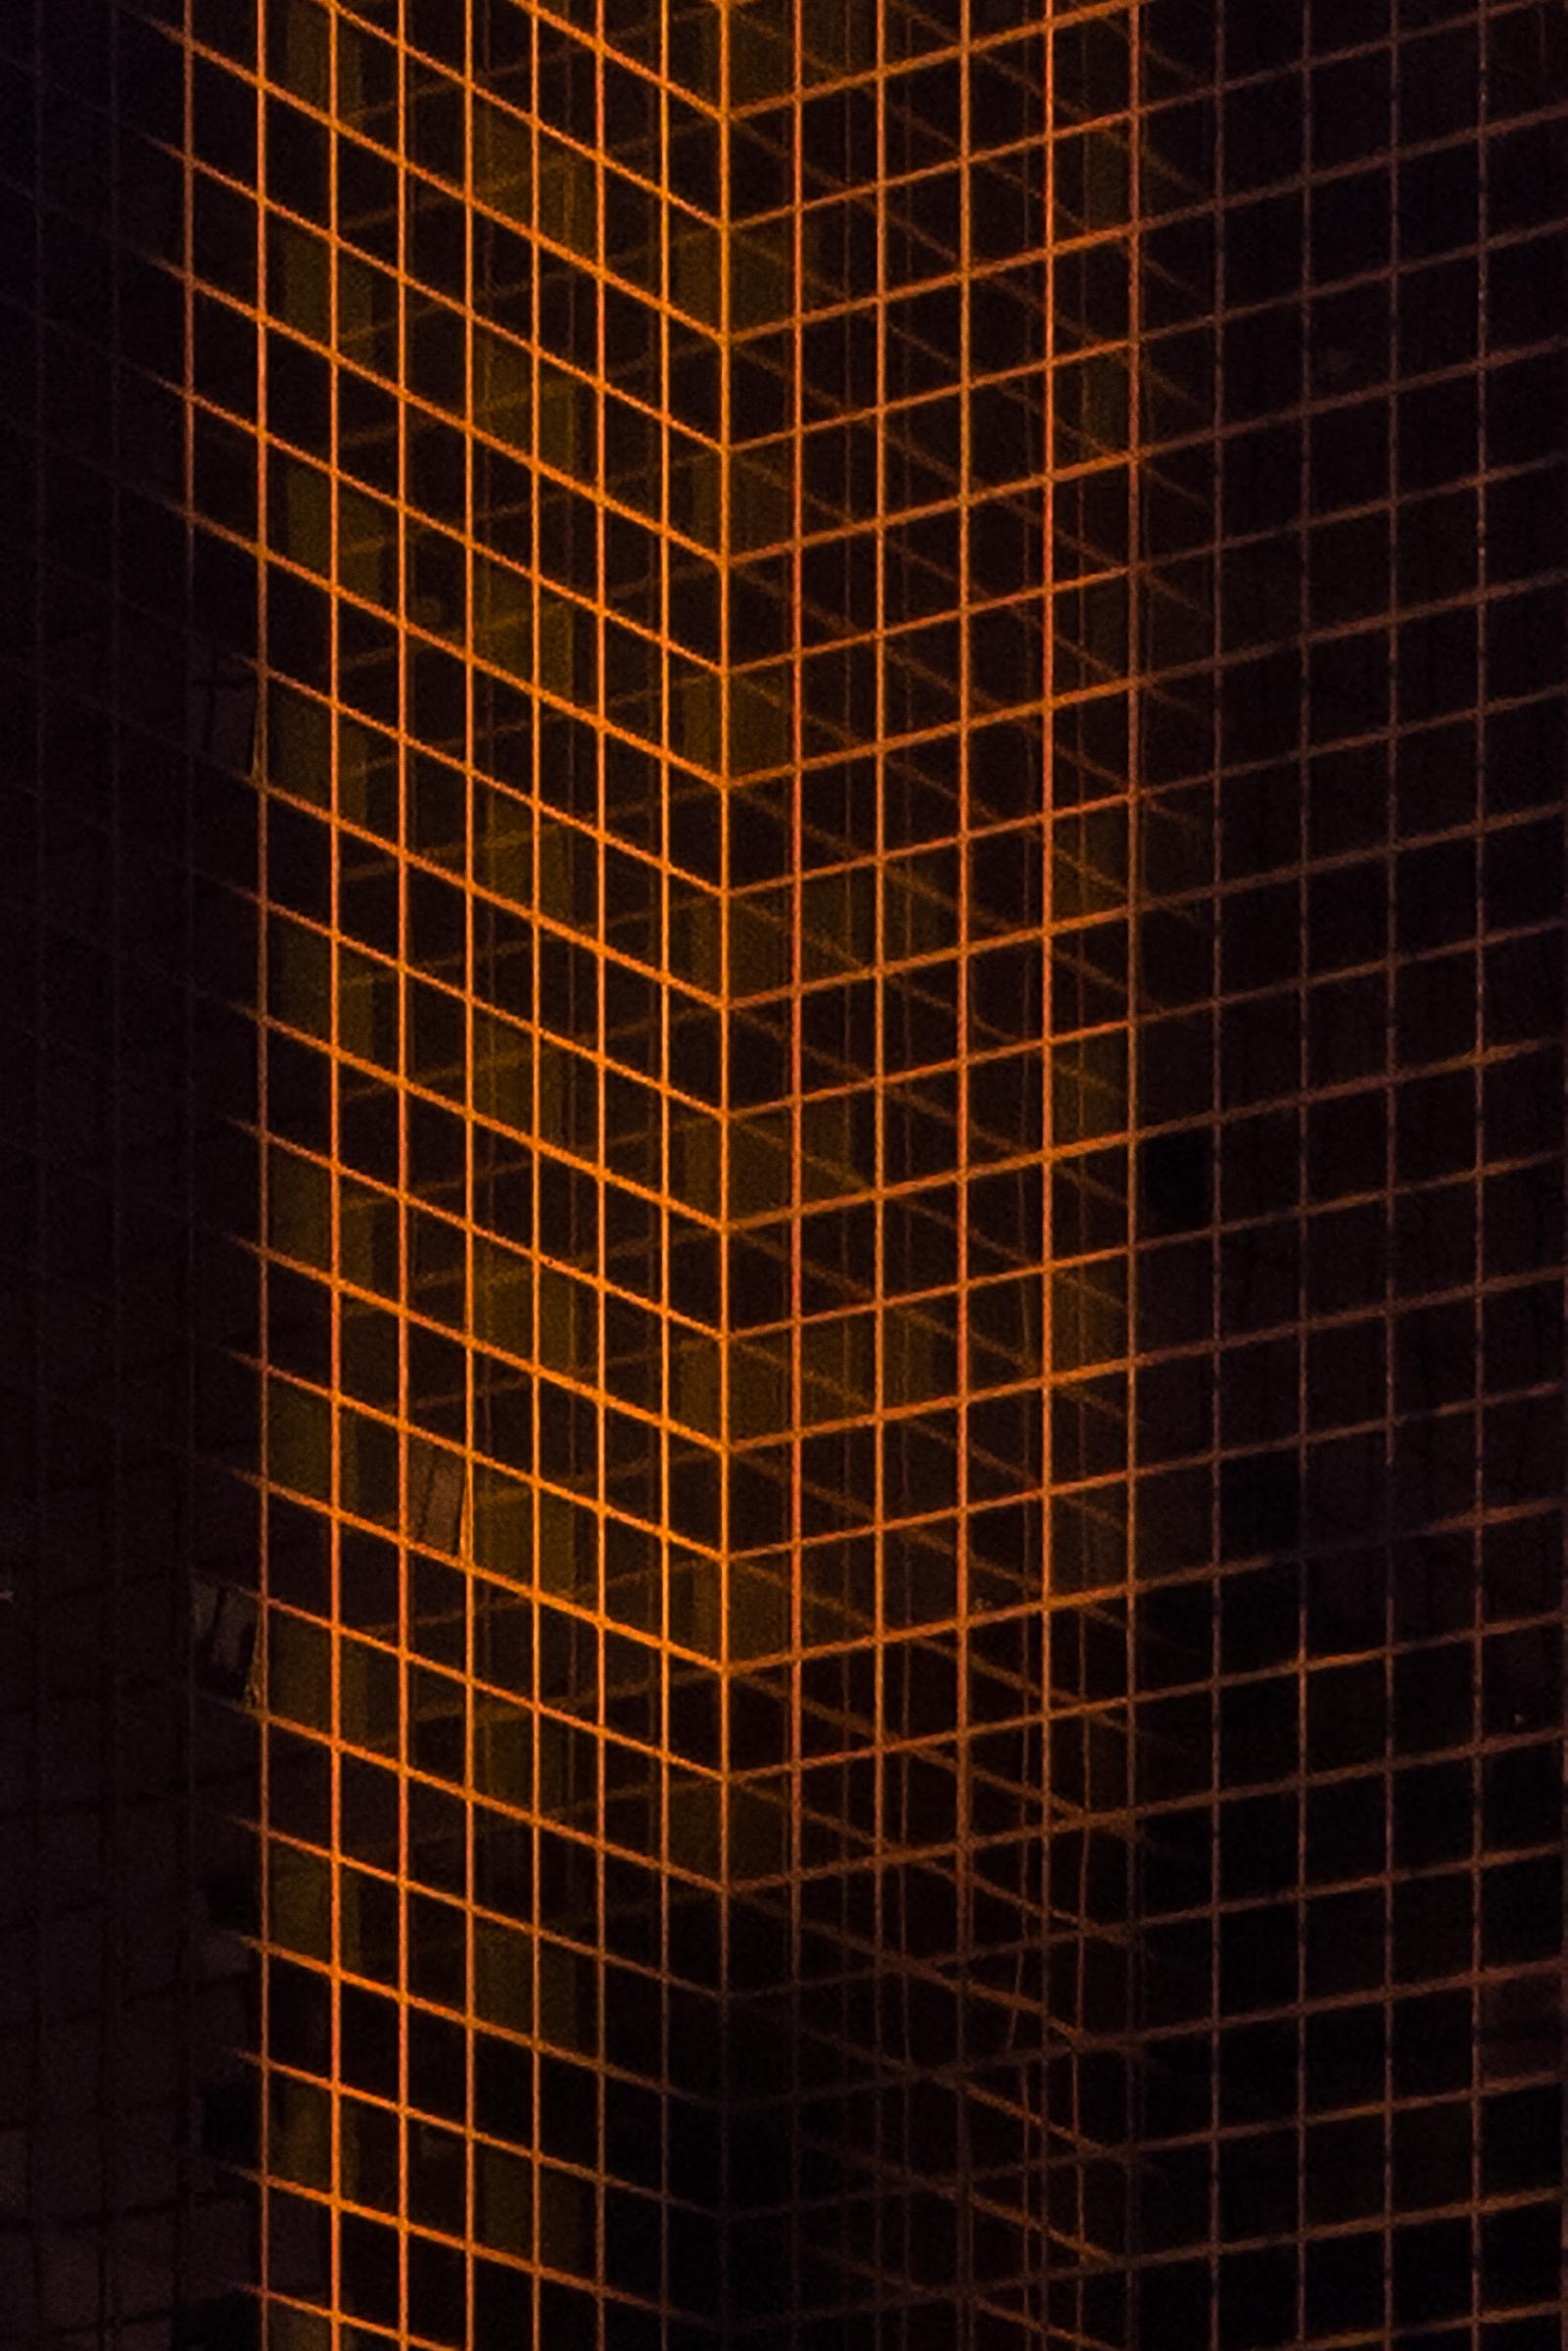 Fernando Villela,  #42 , 2017. Archival inkjet print, 20 x 16 in., edition of 5+1AP ©Fernando Villela, courtesy Fou Gallery  费尔南多·维利纳,  #42 , 2017. 收藏级数码微喷, 50.8 x 40.6 cm, 版数:5+1AP ©费尔南多·维利纳,致谢否画廊